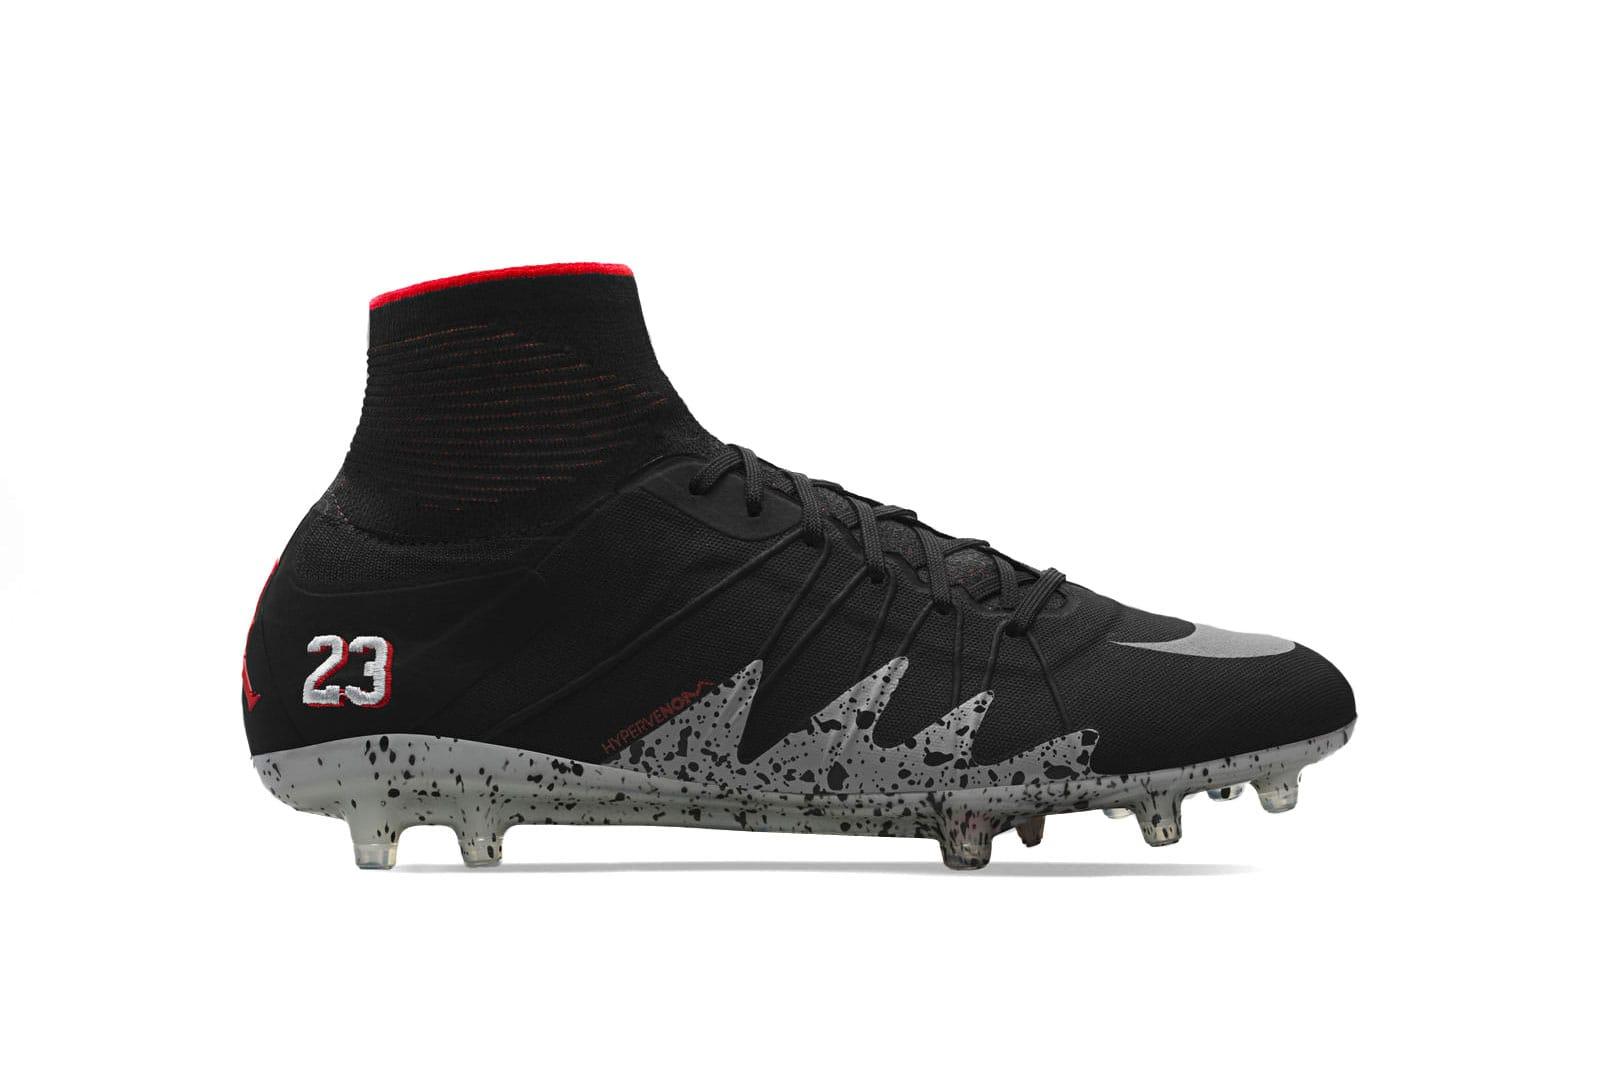 Neymar Jr. x Jordan Brand x Nike NJR